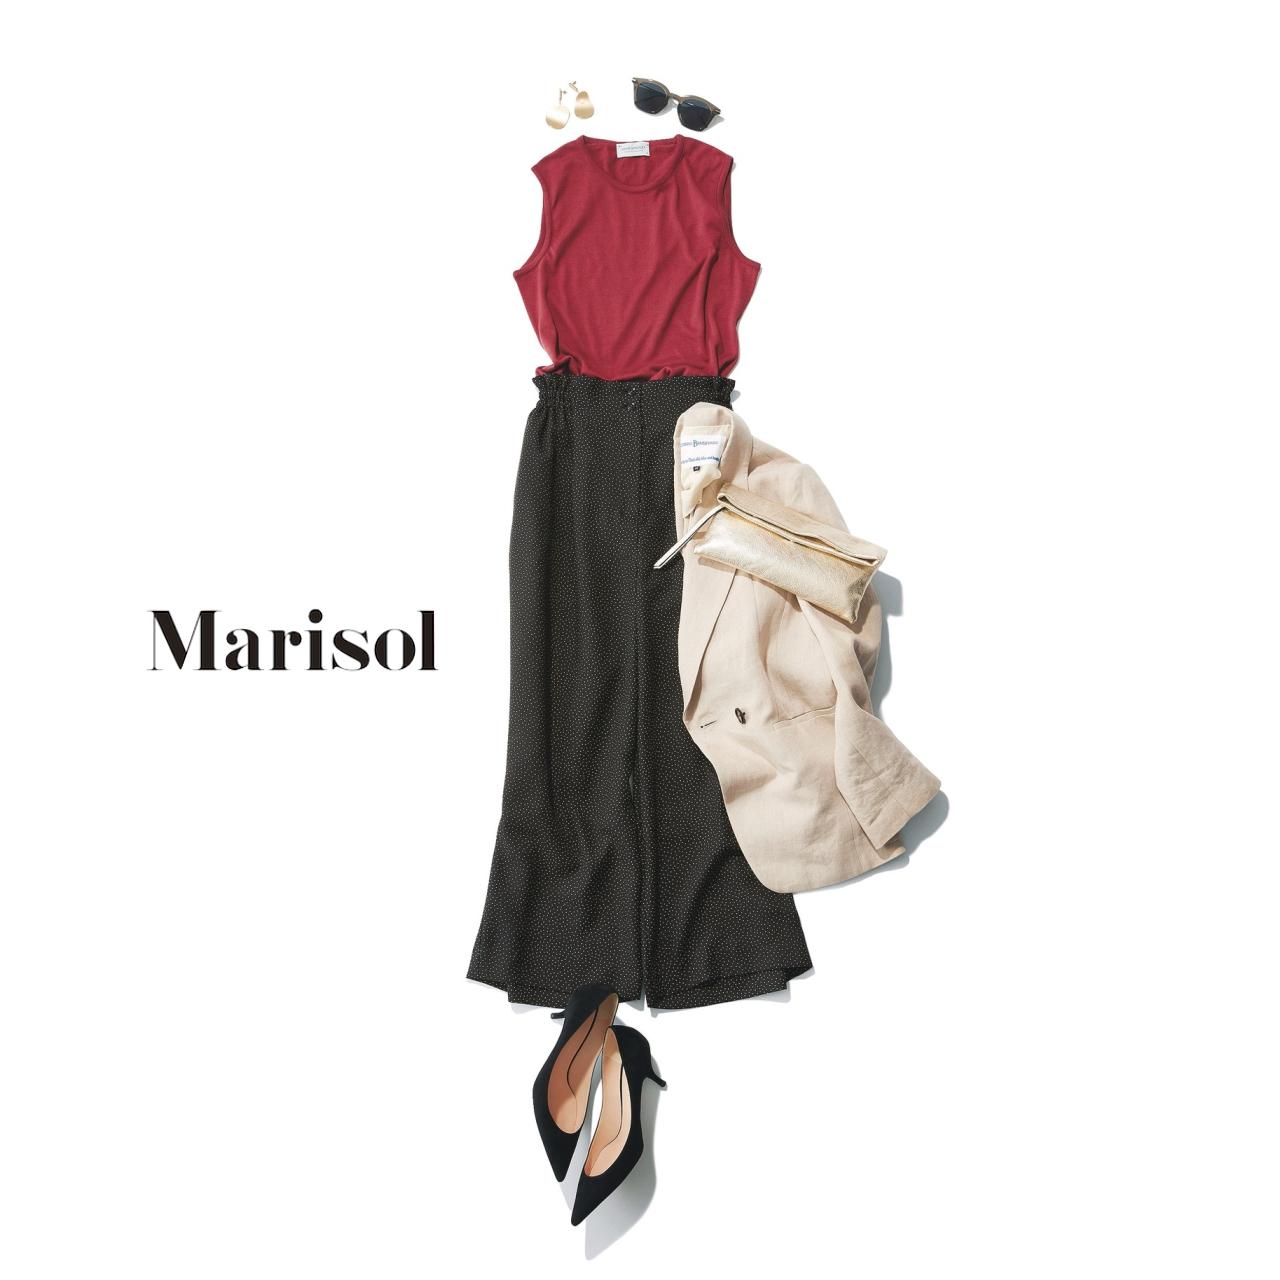 40代ファッション ブラウンニット×ドット柄ワイドパンツコーデ